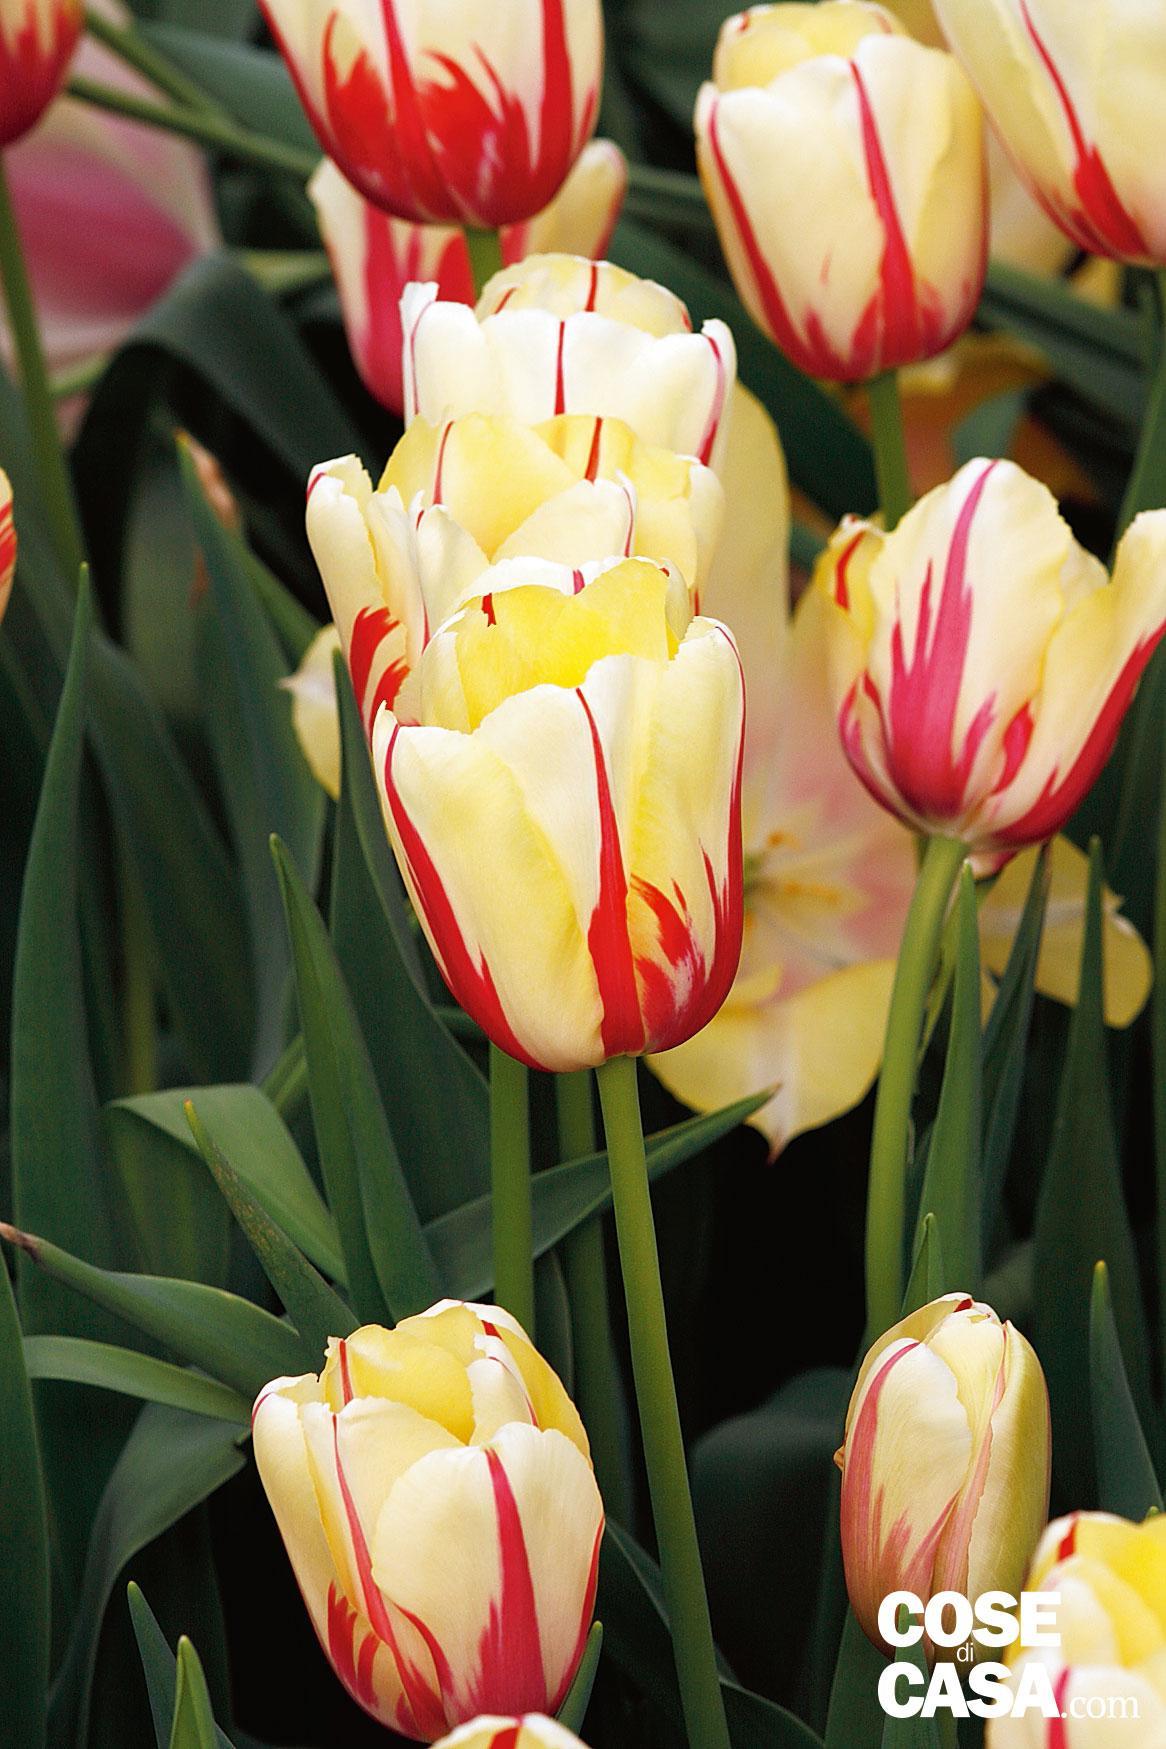 Come Si Piantano I Tulipani come scegliere i tulipani per il giardino di casa - cose di casa